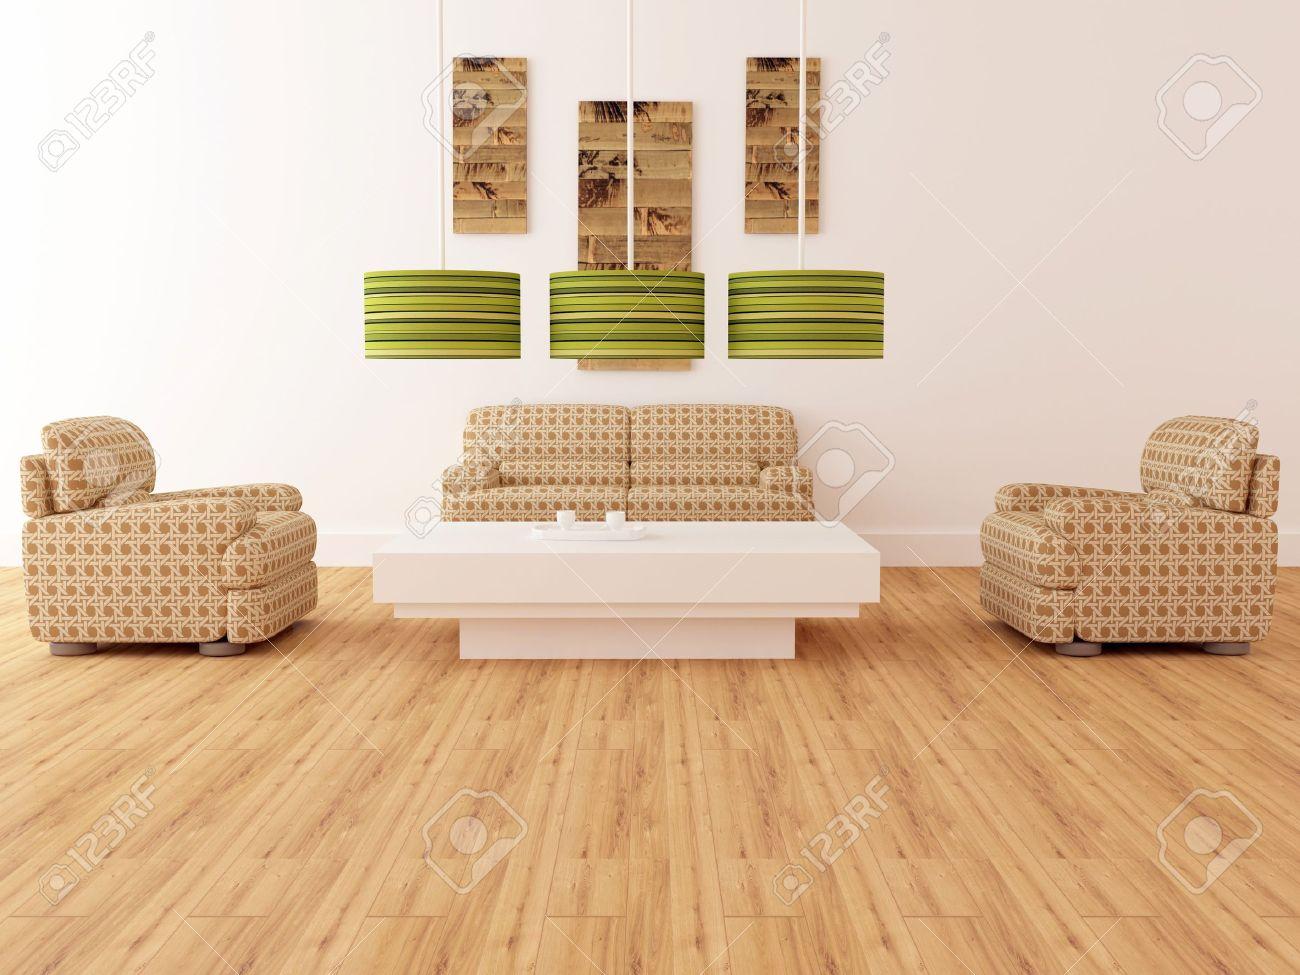 Design Innenarchitektur Von Eleganz Modernen Wohnzimmer Braun Sessel Mit Lampen Und Couchtisch Wodurch Lizenzfreie